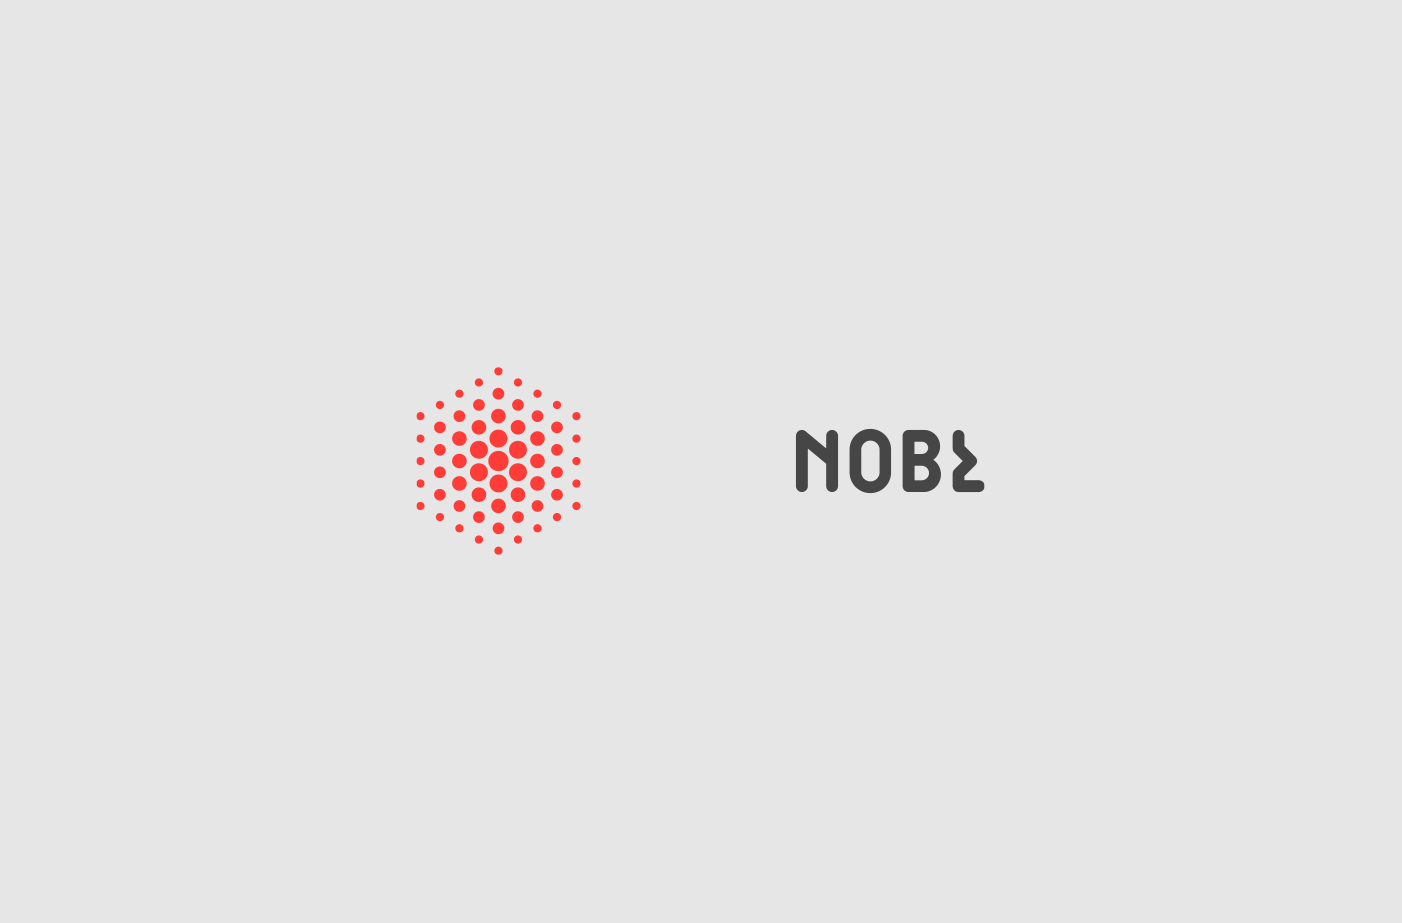 NOBL_PI_1